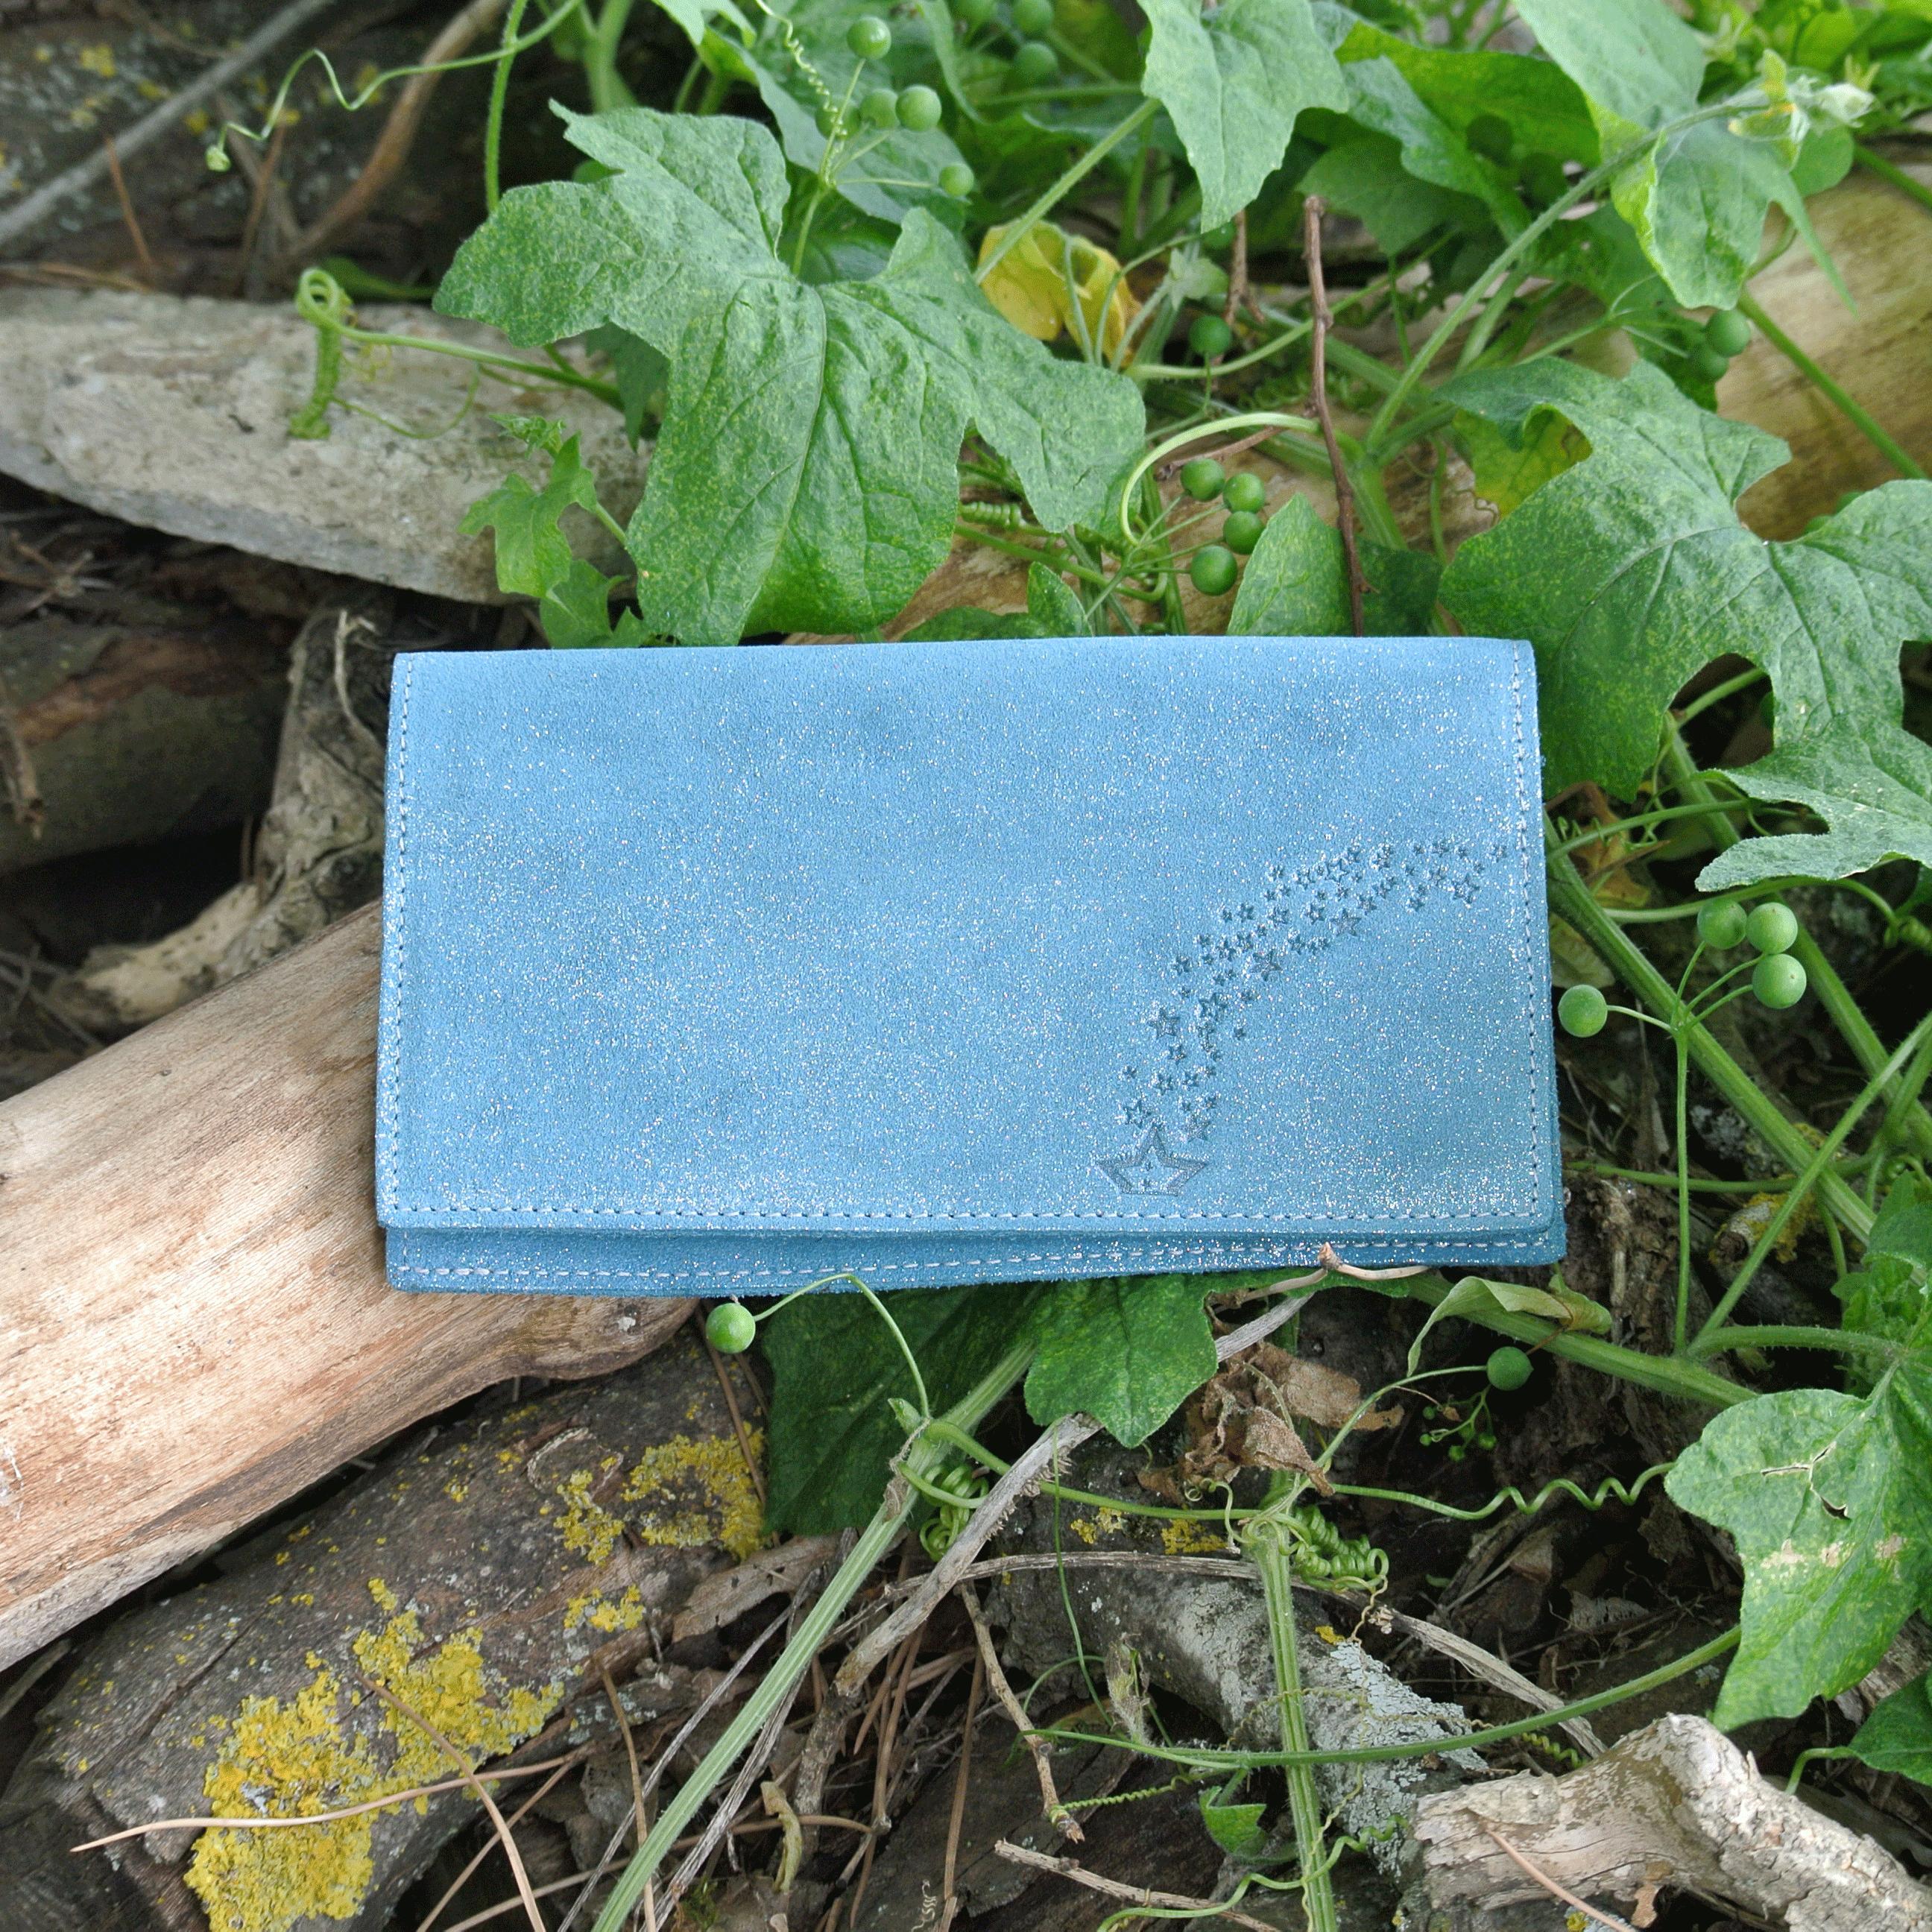 protege-chequier-cuirs-fantaisies-cuir-paillete-cuir-retro-cuir-nappa-cuir-graine-la-cartabliere-fabirque-en-france-bleu-sarcelle